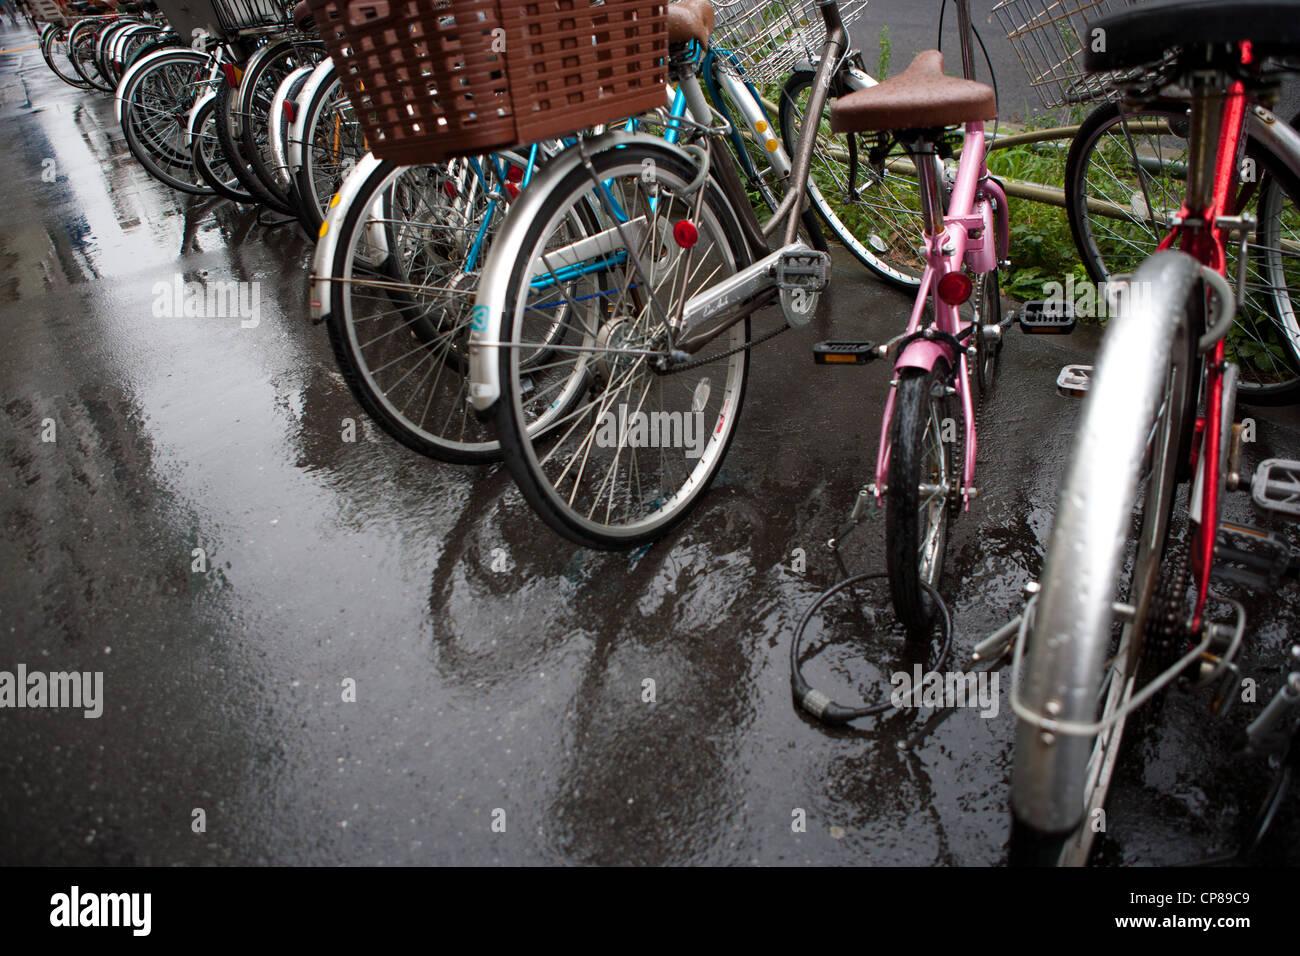 Bicicletas aparcado en un día lluvioso en Tokio, Japón. Imagen De Stock